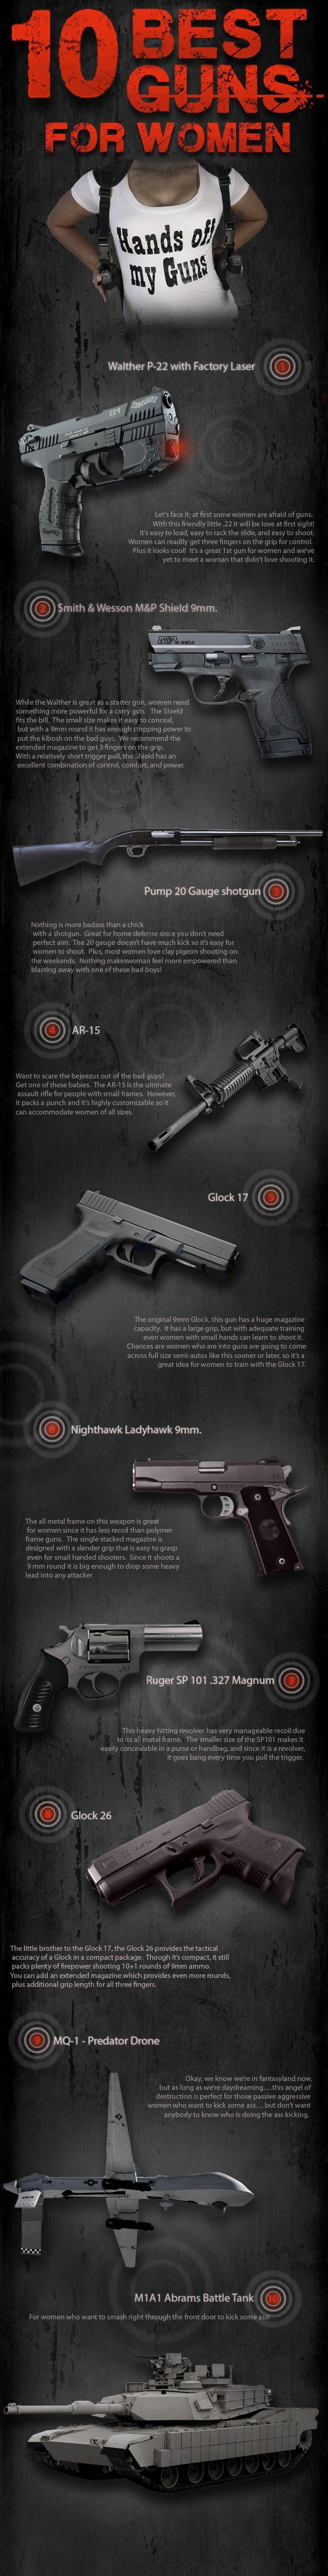 10-best-guns-for-women